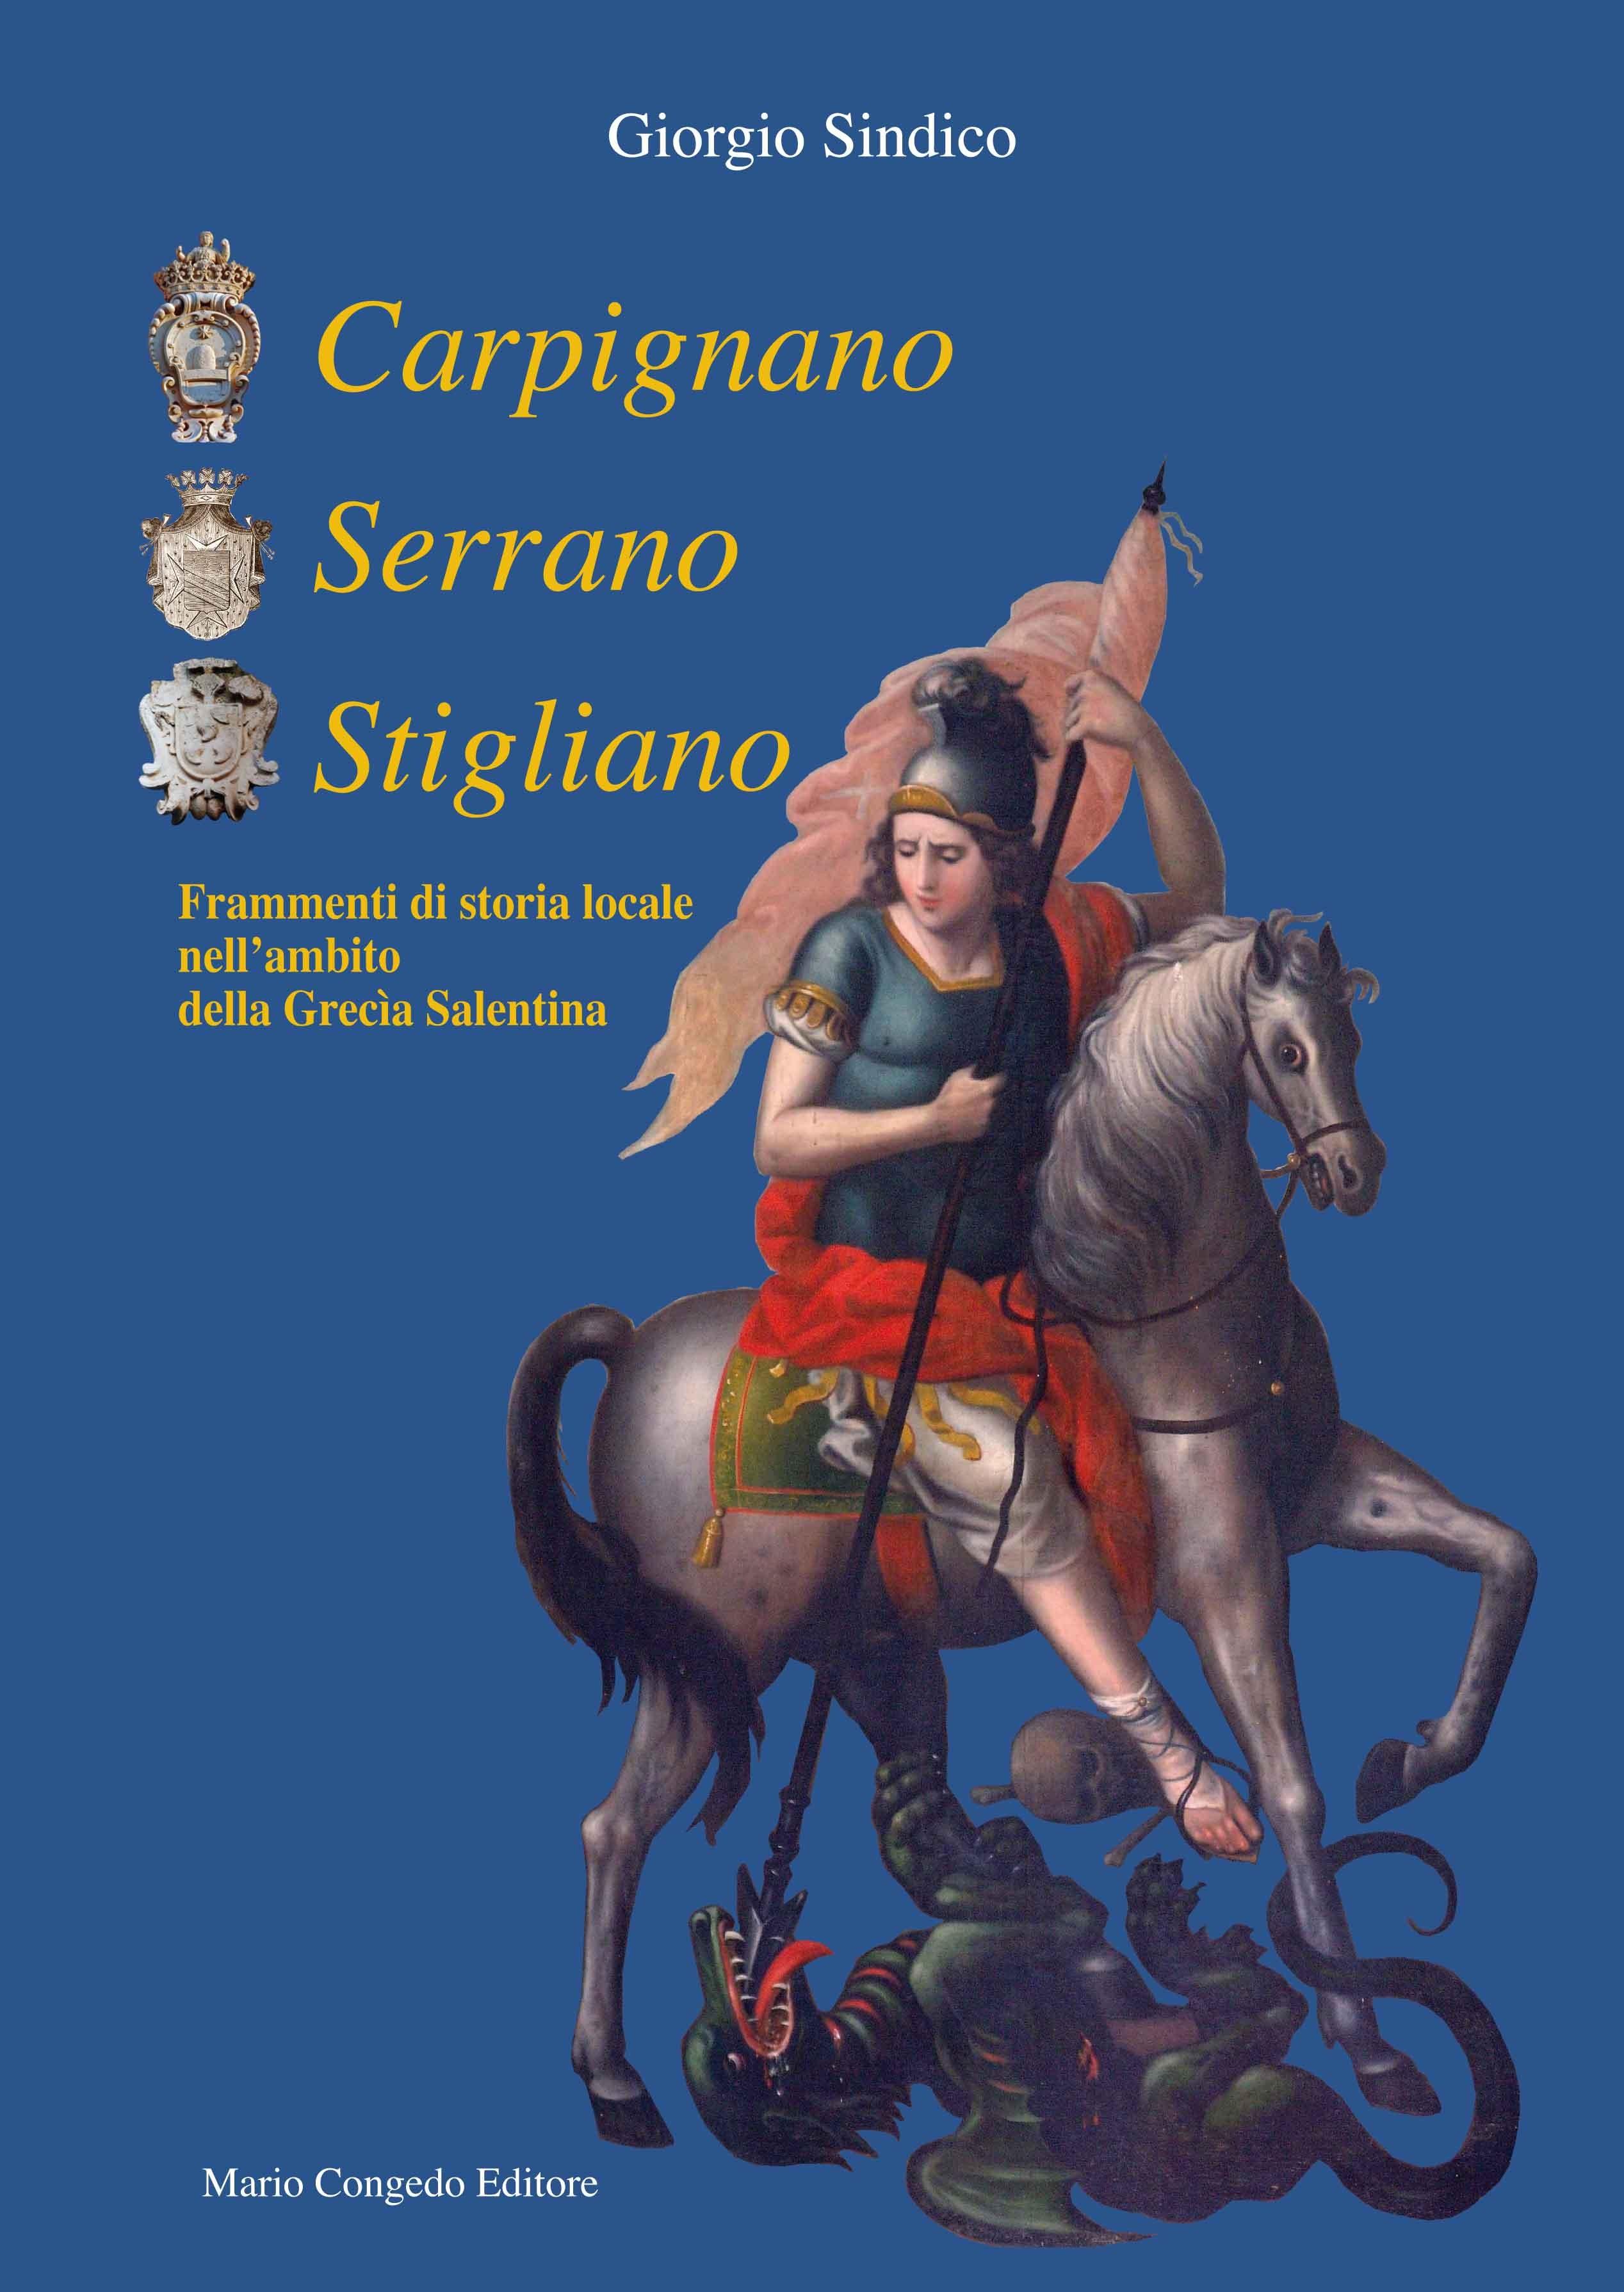 Carpignano Serrano Stigliano. Frammenti di storia locale nell'ambito della Grecìa salentina